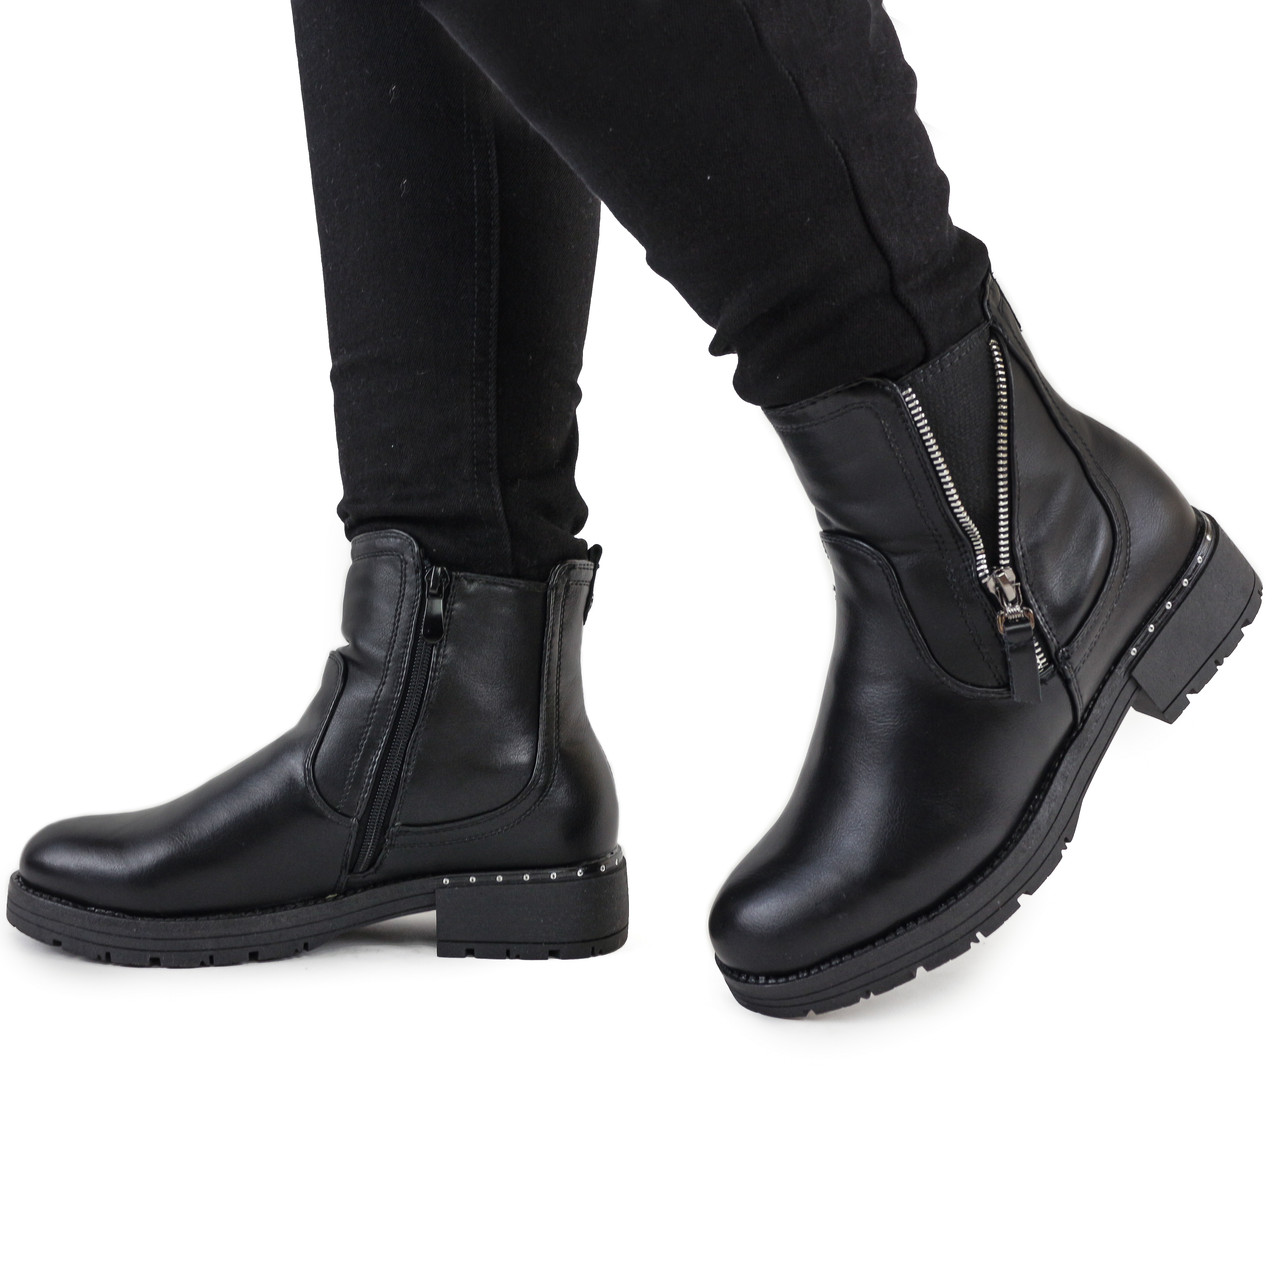 Комфортные женские ботинки для актуальных образов